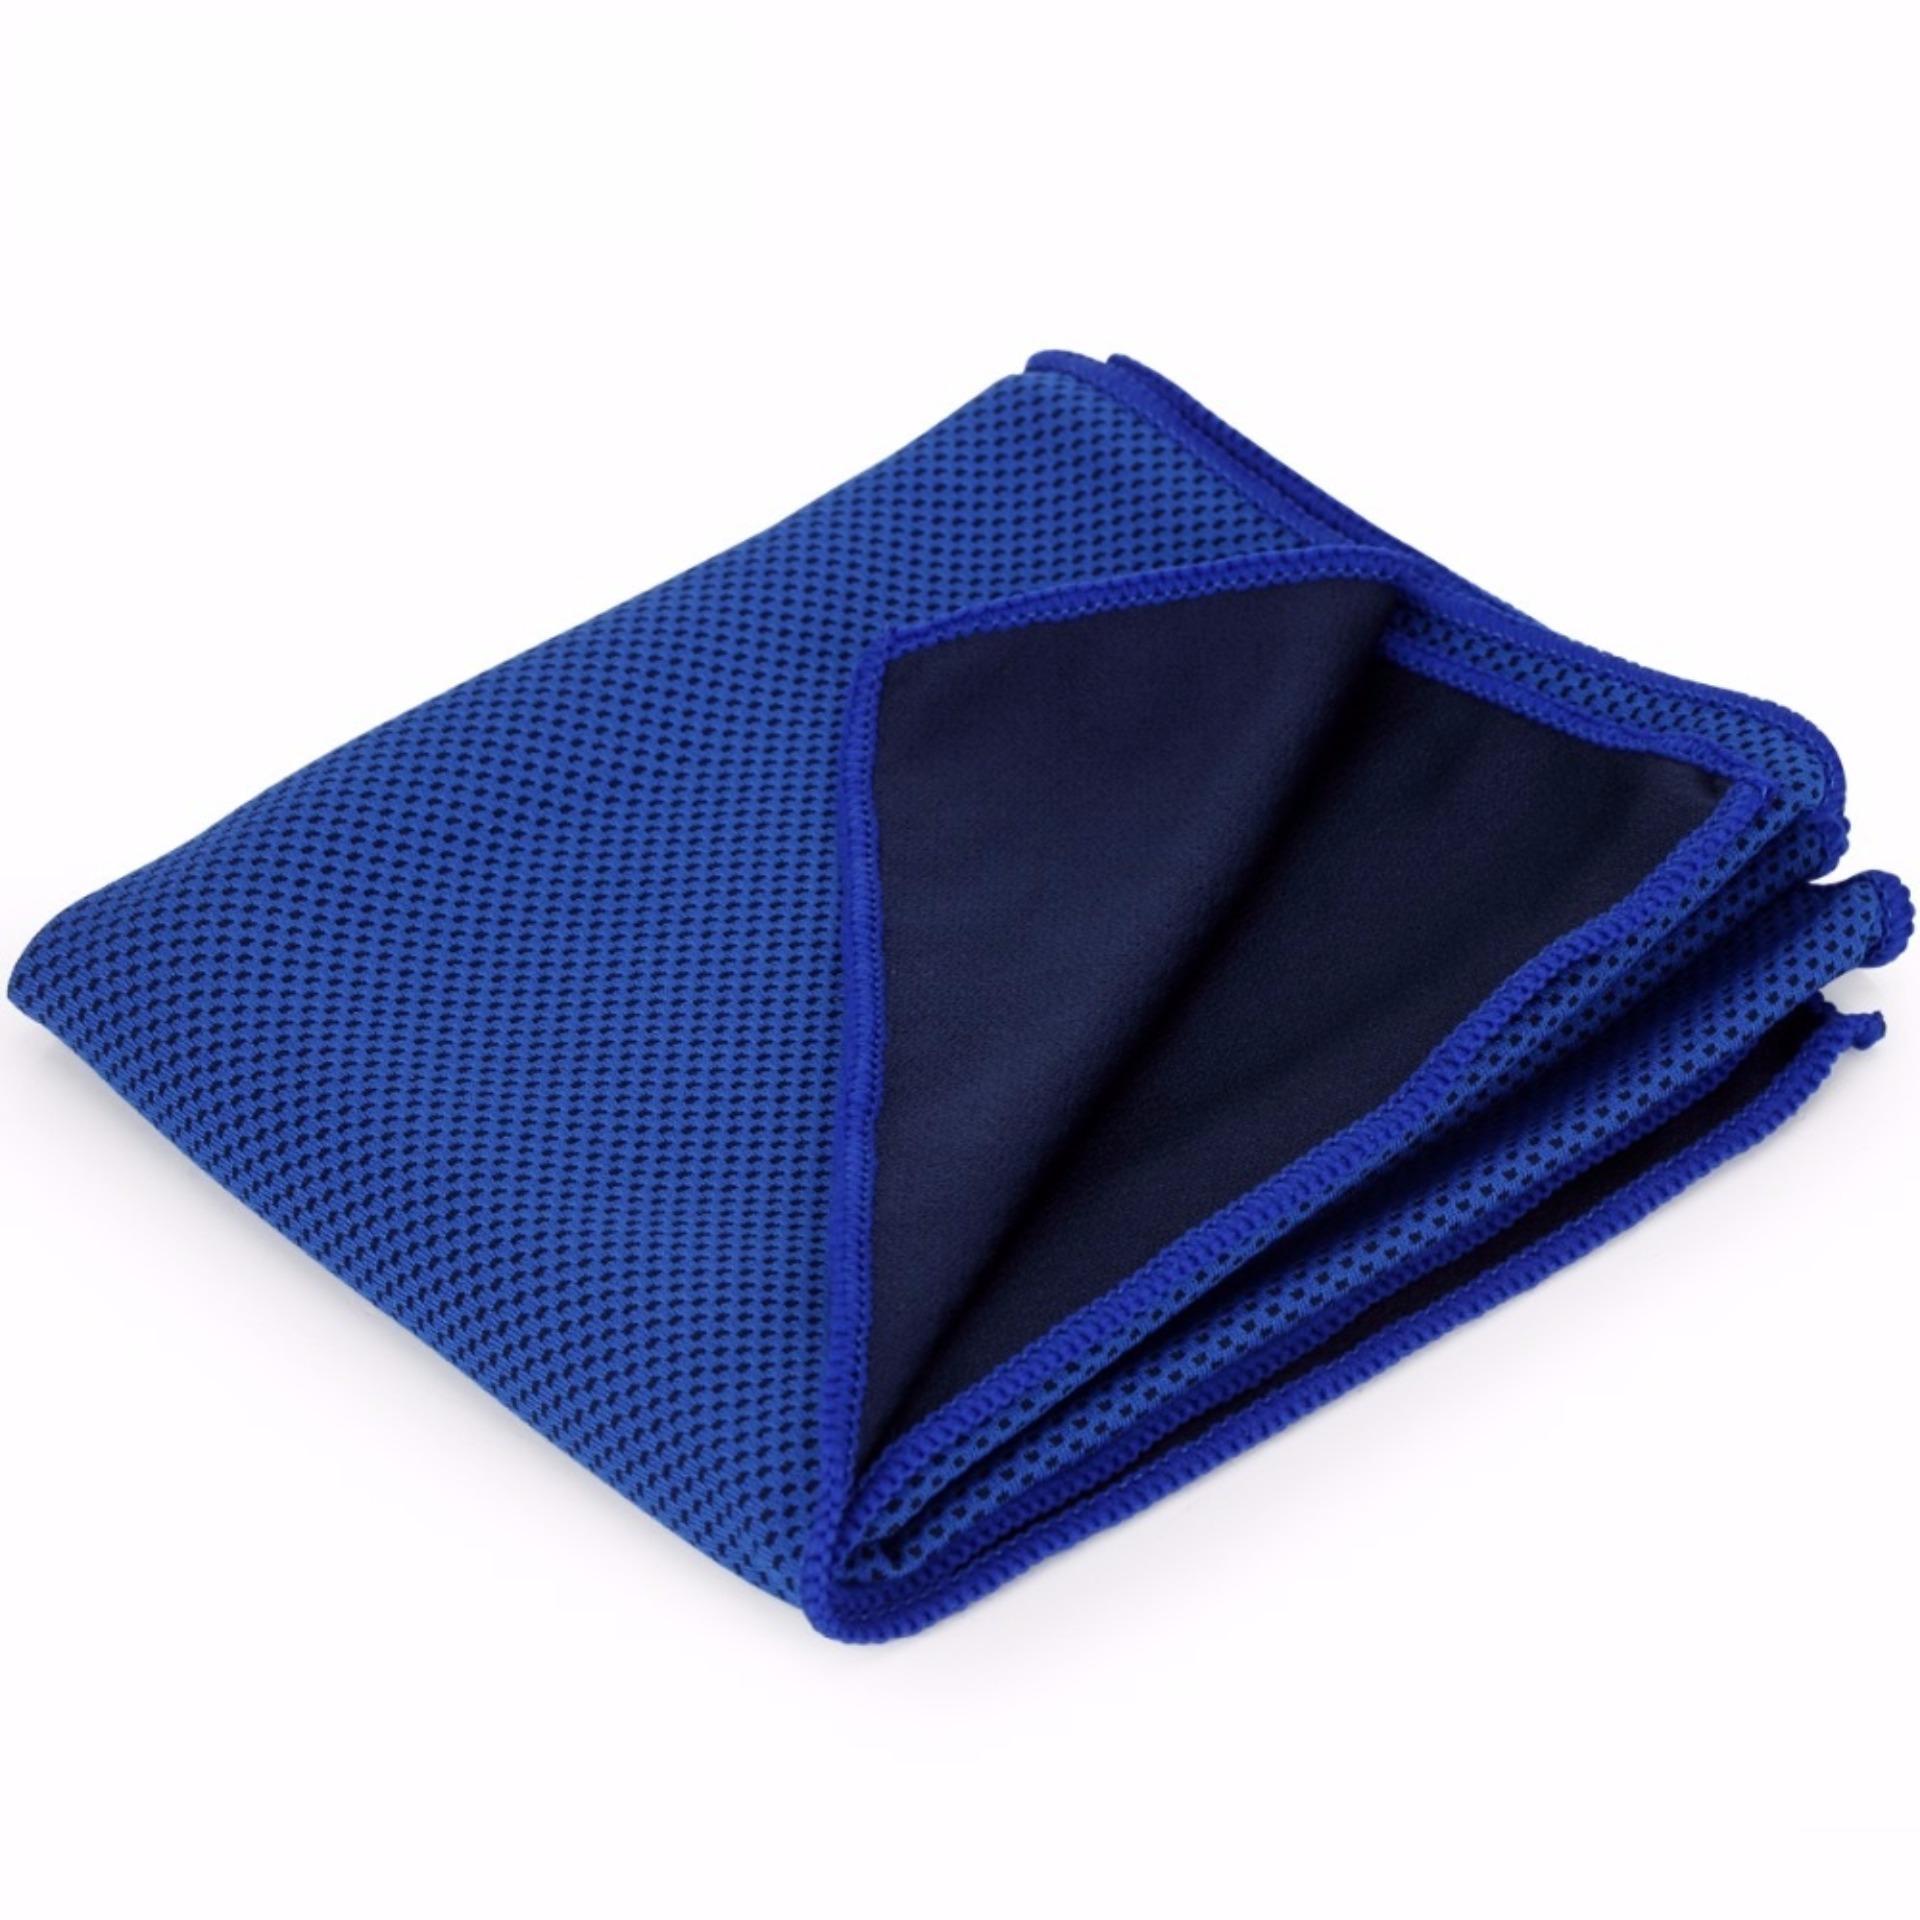 Khăn thể thao, khăn siêu mát, khăn lạnh thể thao gọn nhẹ Cooltime POPO Collection 19